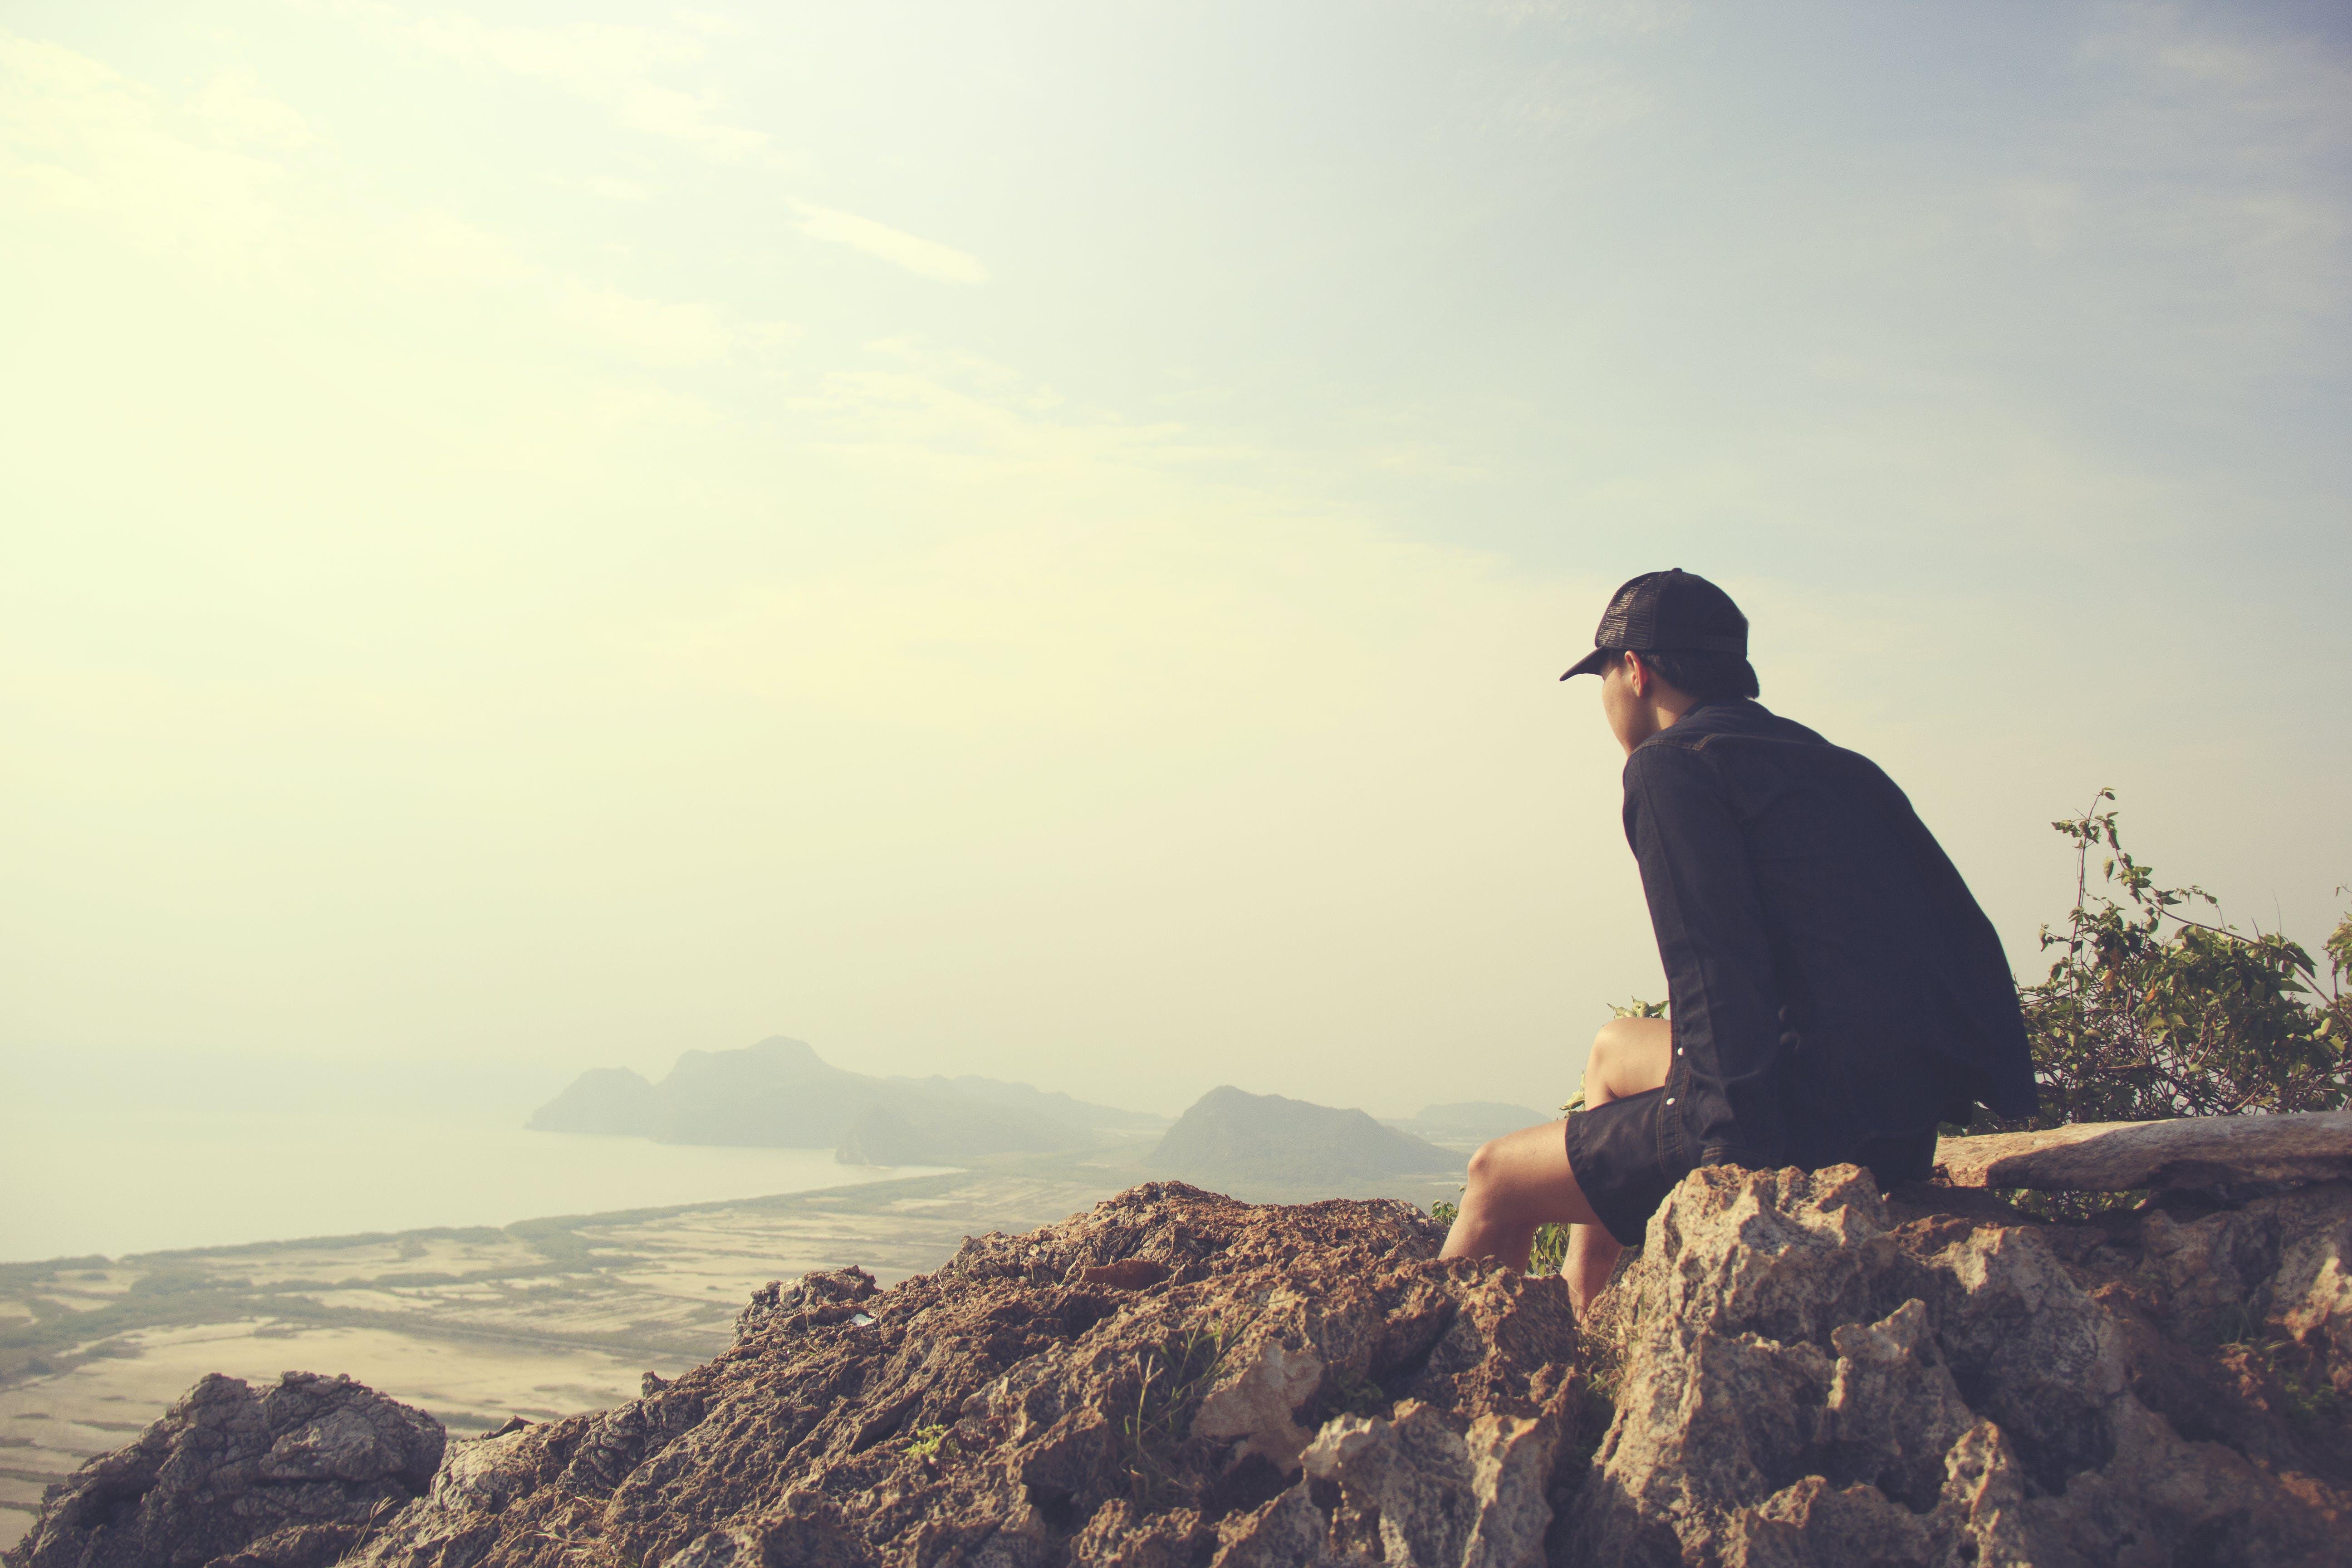 Man Sitting on Brown Rocks Facing Seashore